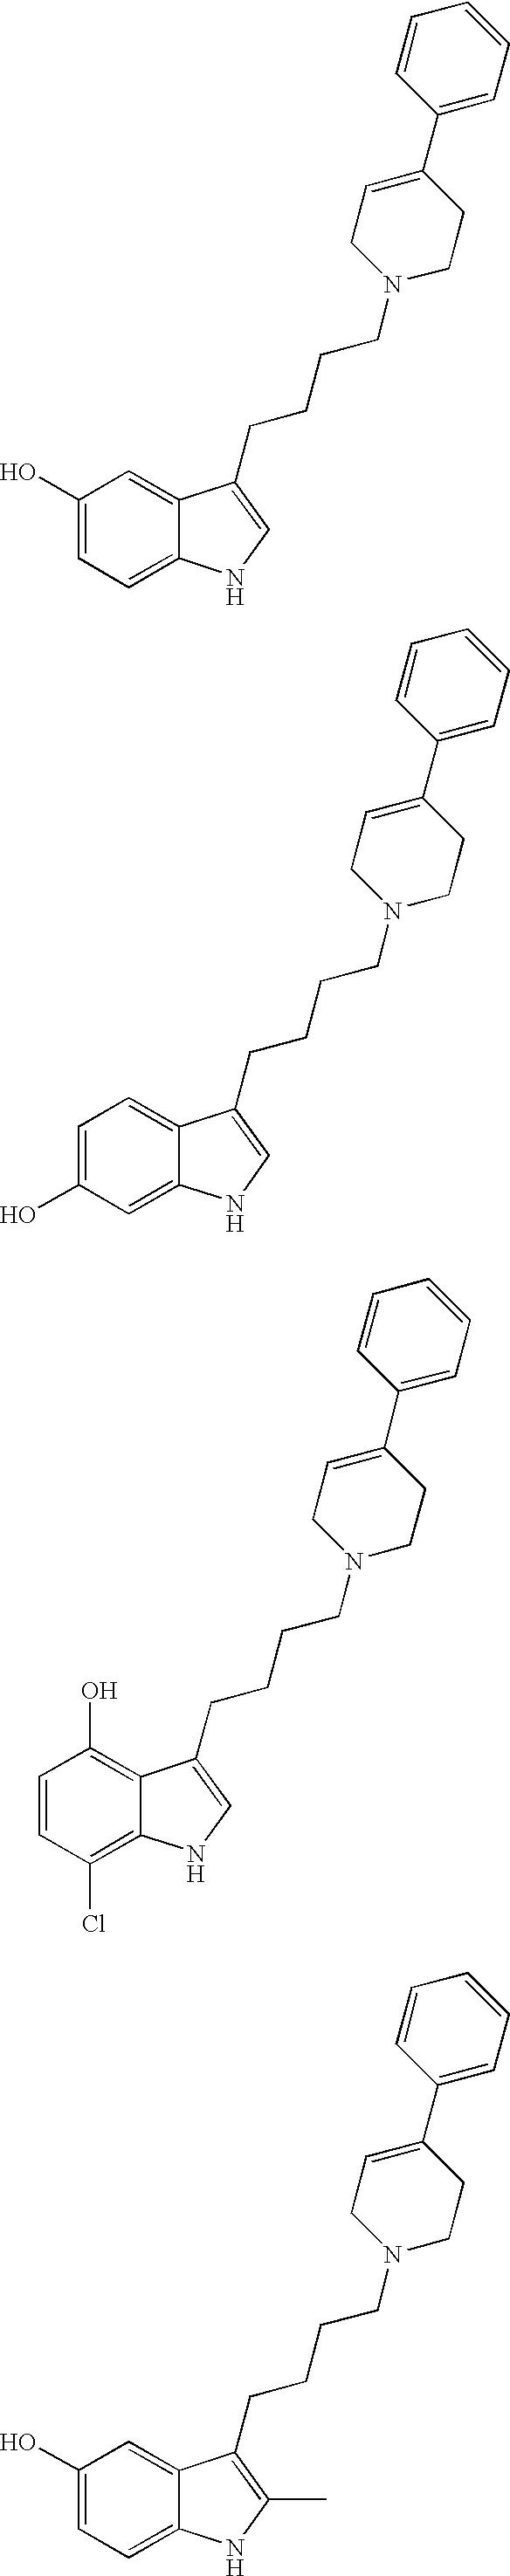 Figure US20100009983A1-20100114-C00124